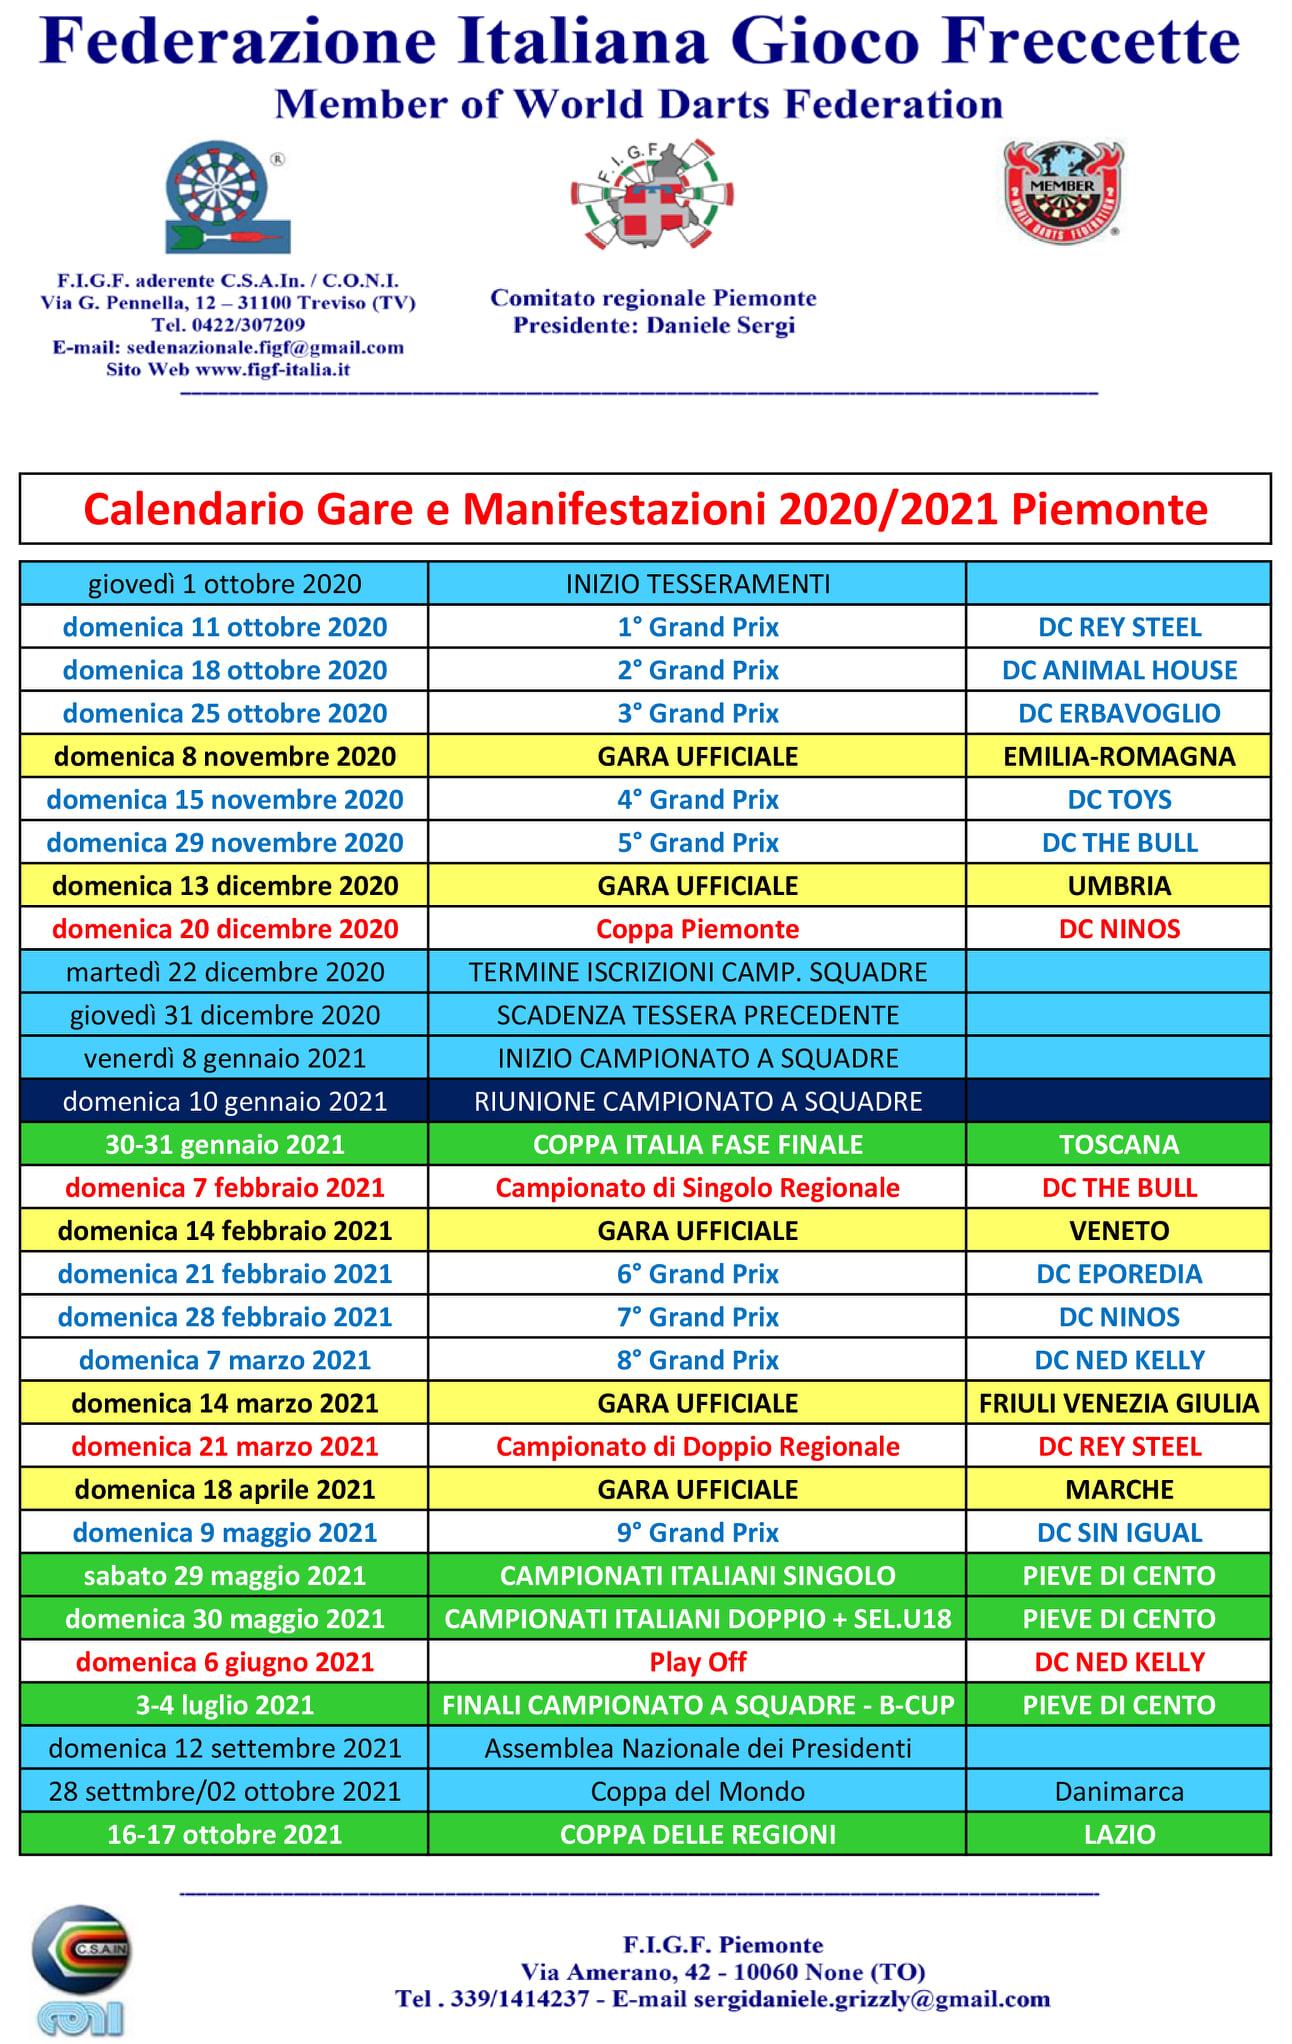 FIGF Piemonte: Calendario 2020/21 – paolopesce.com